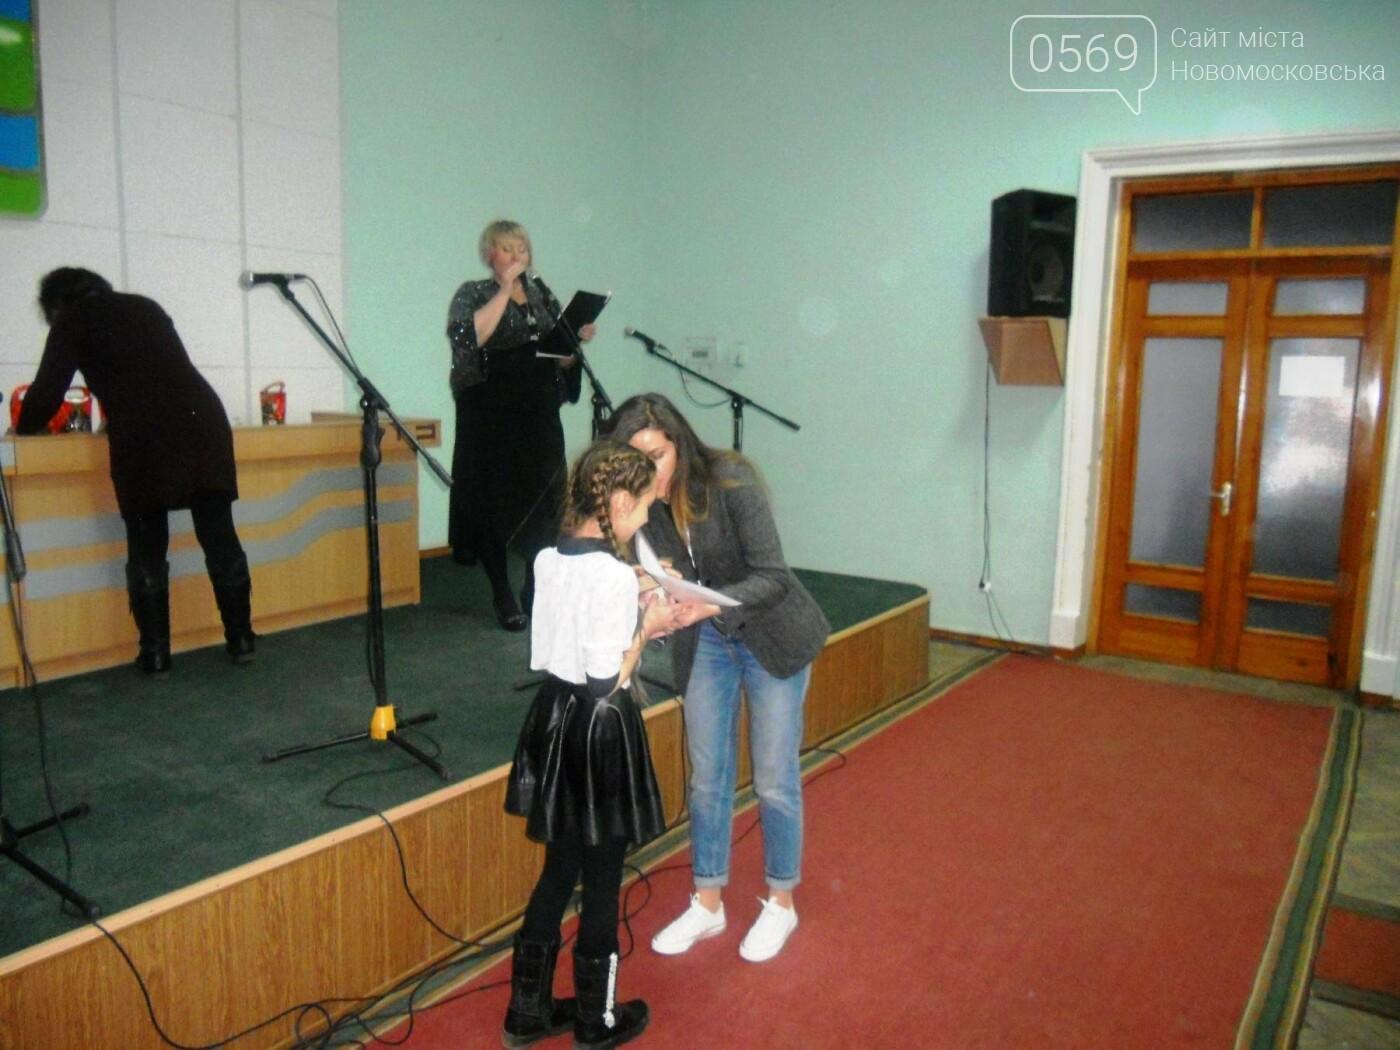 В Новомосковську назвали імена переможців  фестивалю «Діамантова нотка», фото-3